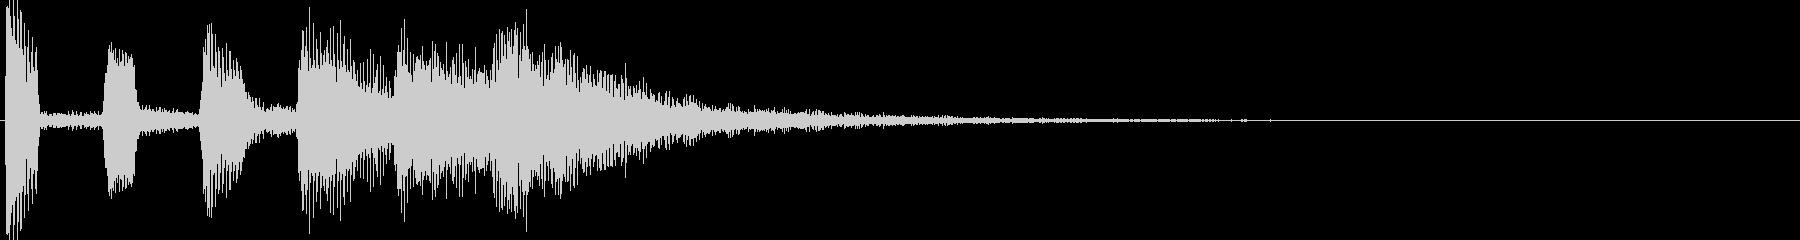 ブザーのような効果音の未再生の波形